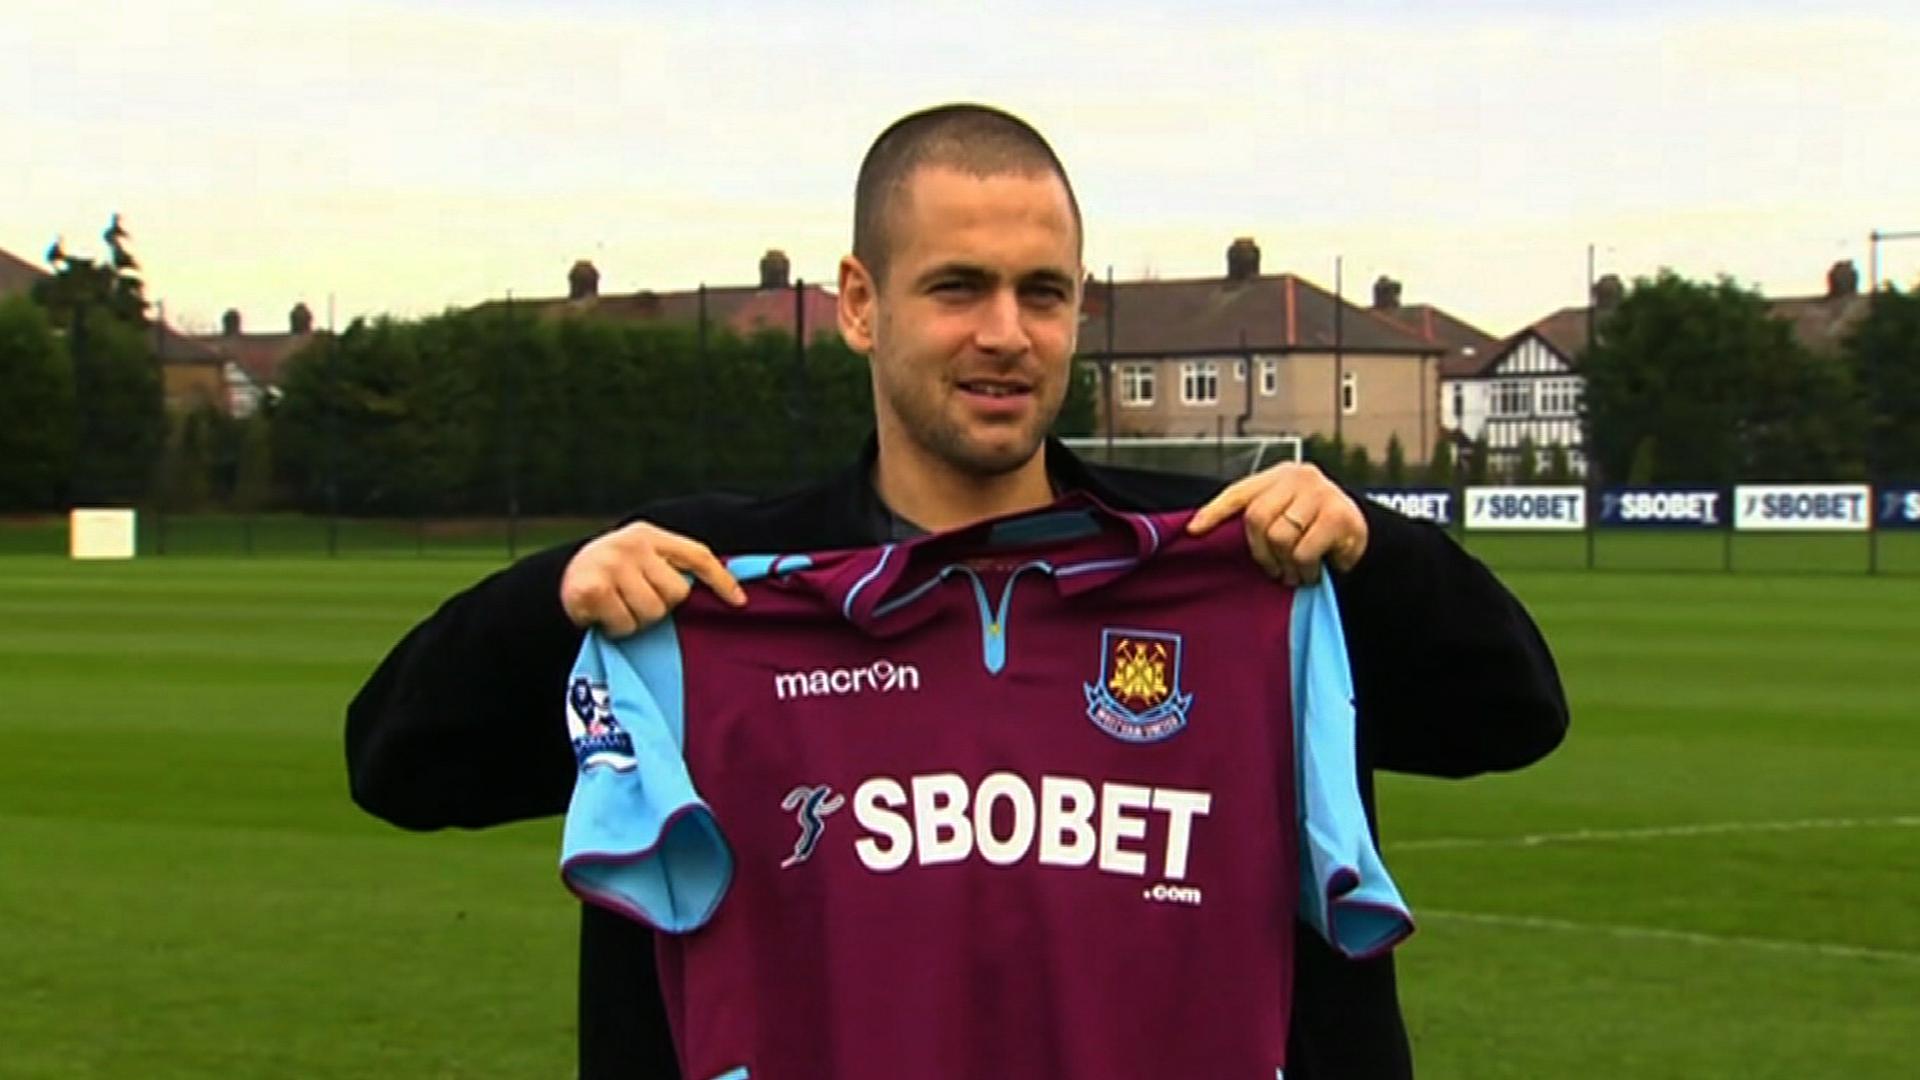 West Ham United's new signing Joe Cole